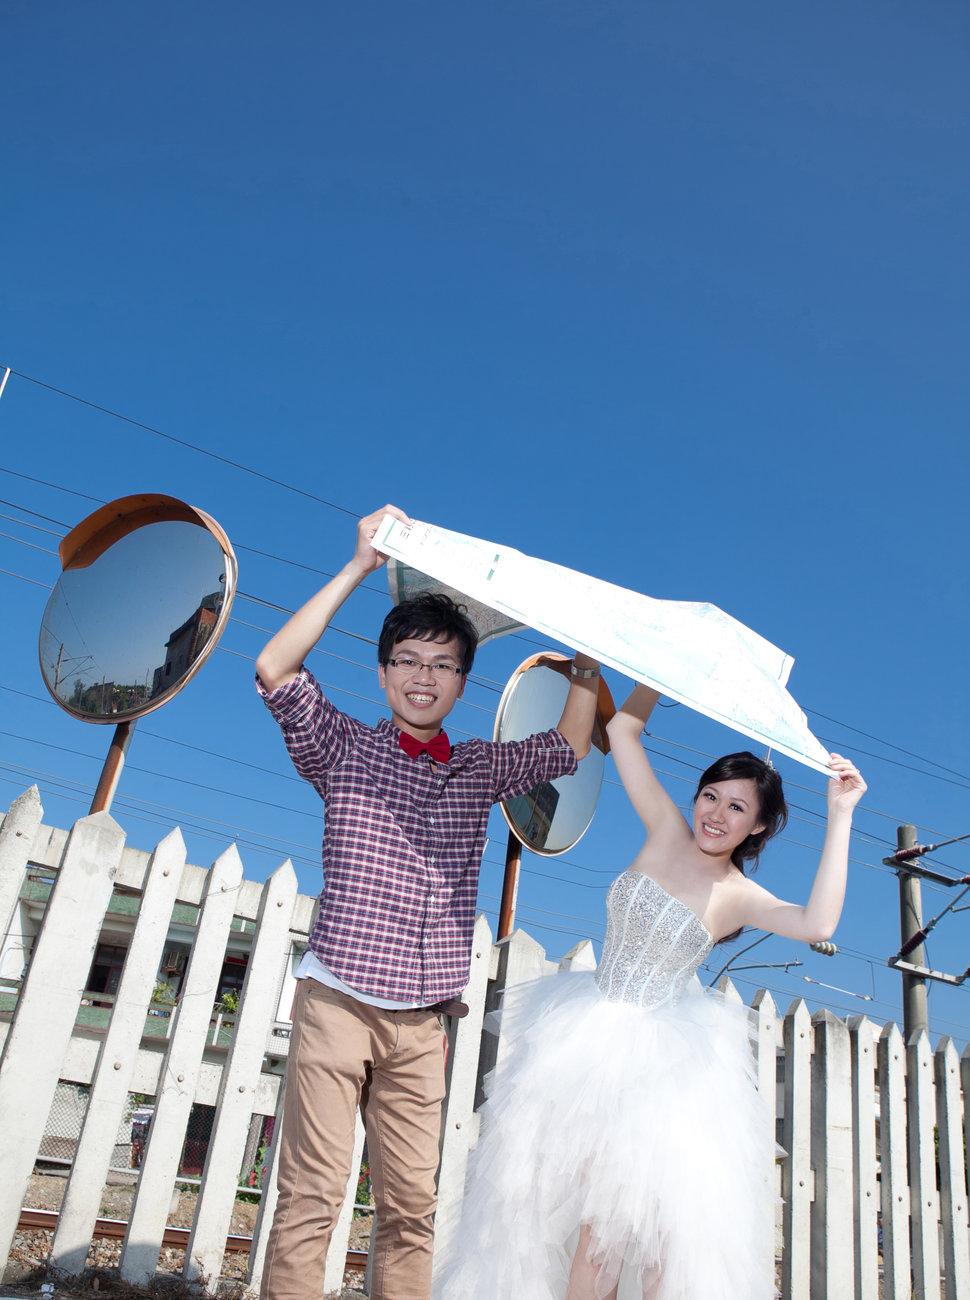 IMG_5832 - 台中2號出口婚紗攝影工作室 - 結婚吧